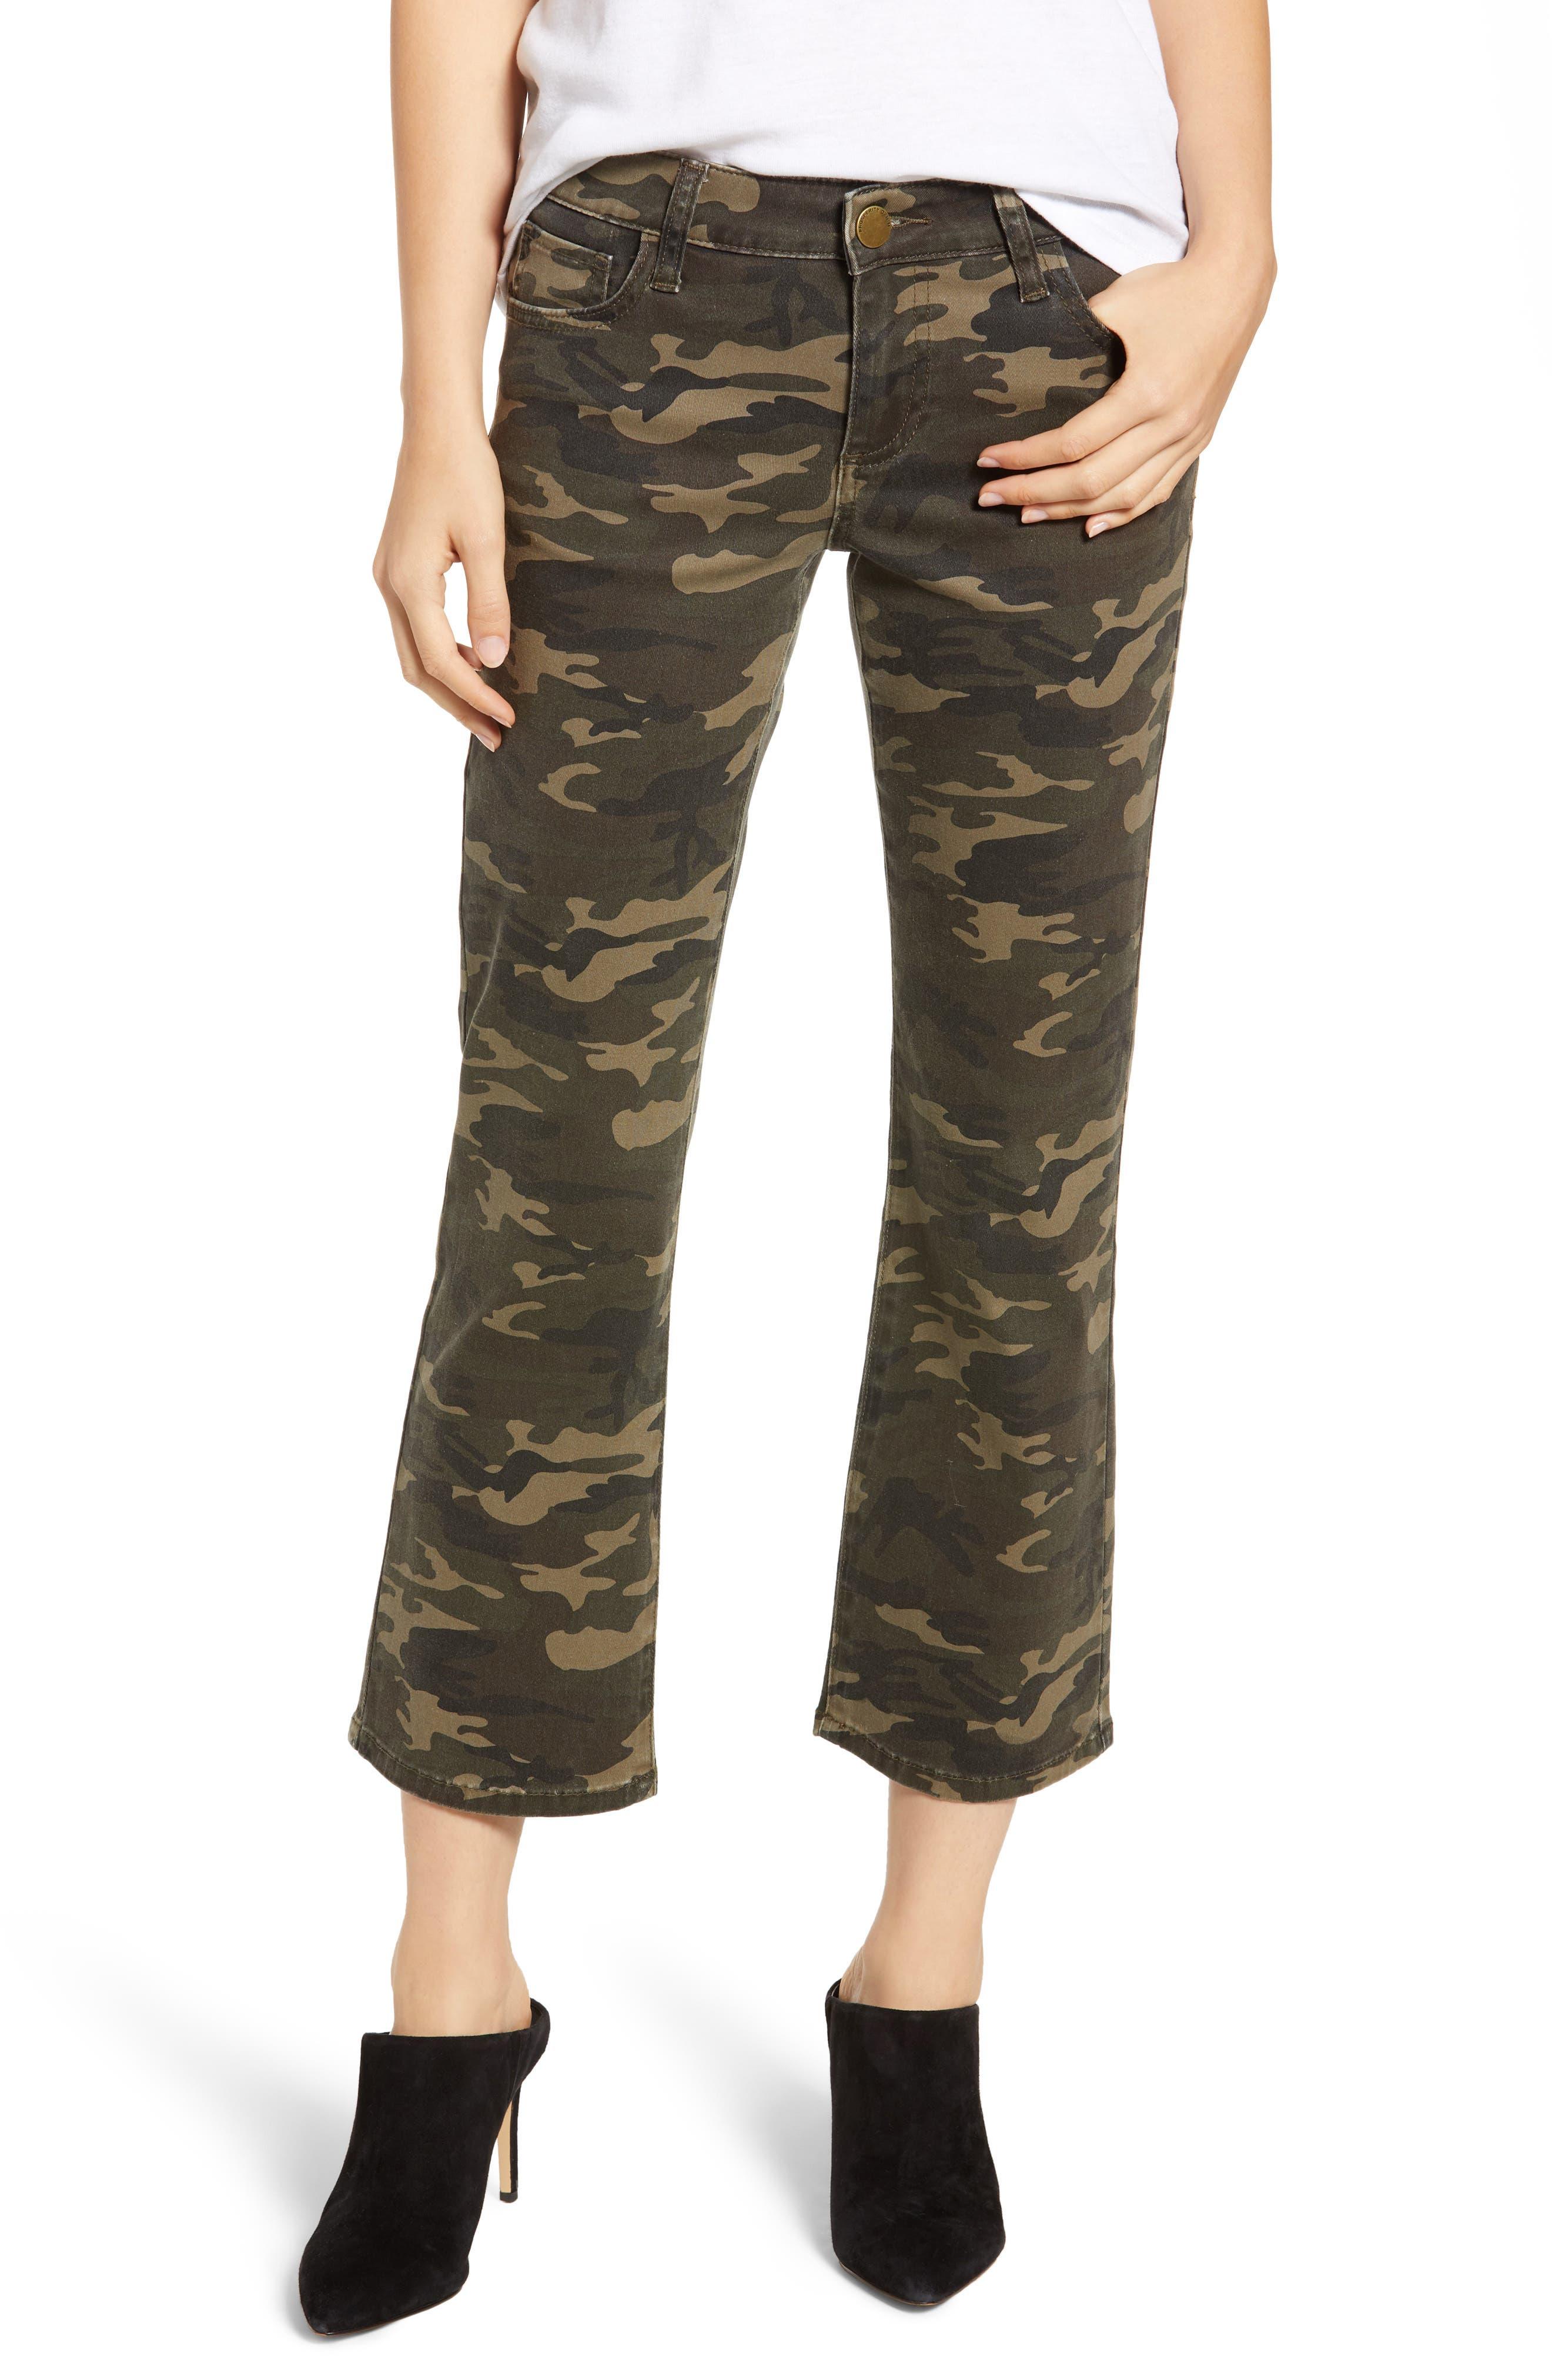 PROSPERITY DENIM Camo Print Crop Flare Jeans, Main, color, OLIVE CAMO